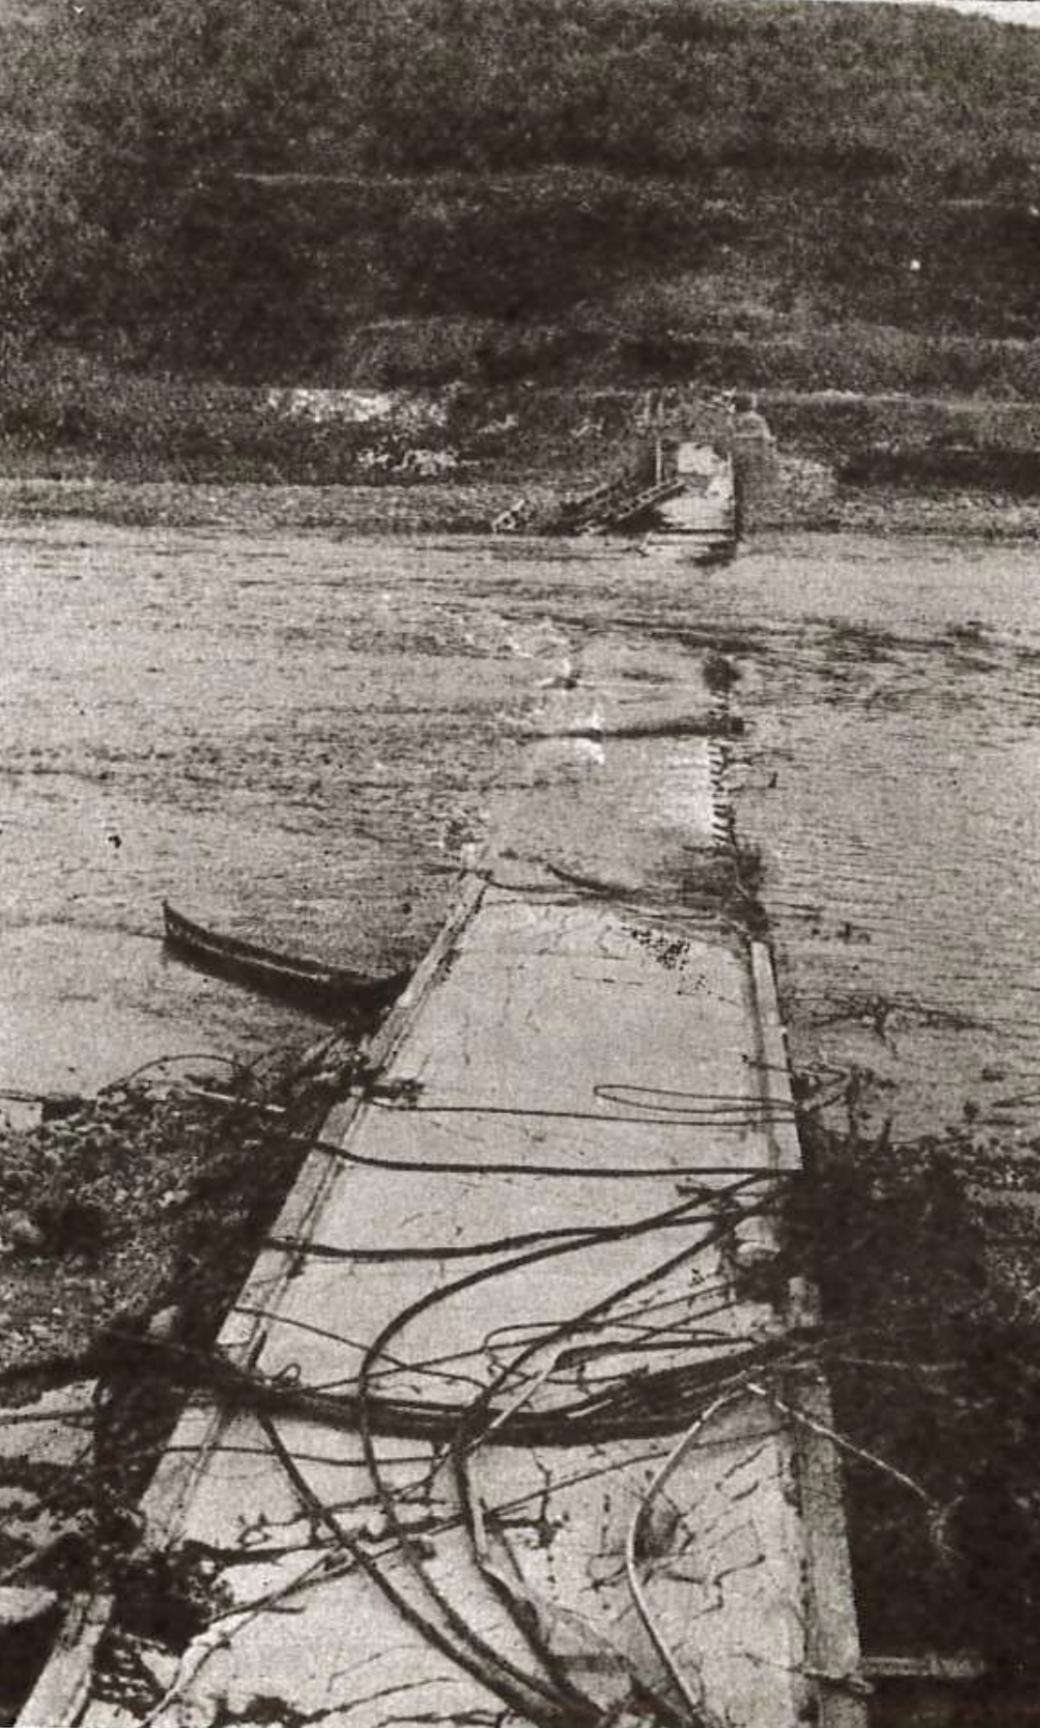 Tana bru etter at tyskerne sprengte den. Sett fra vestsiden.